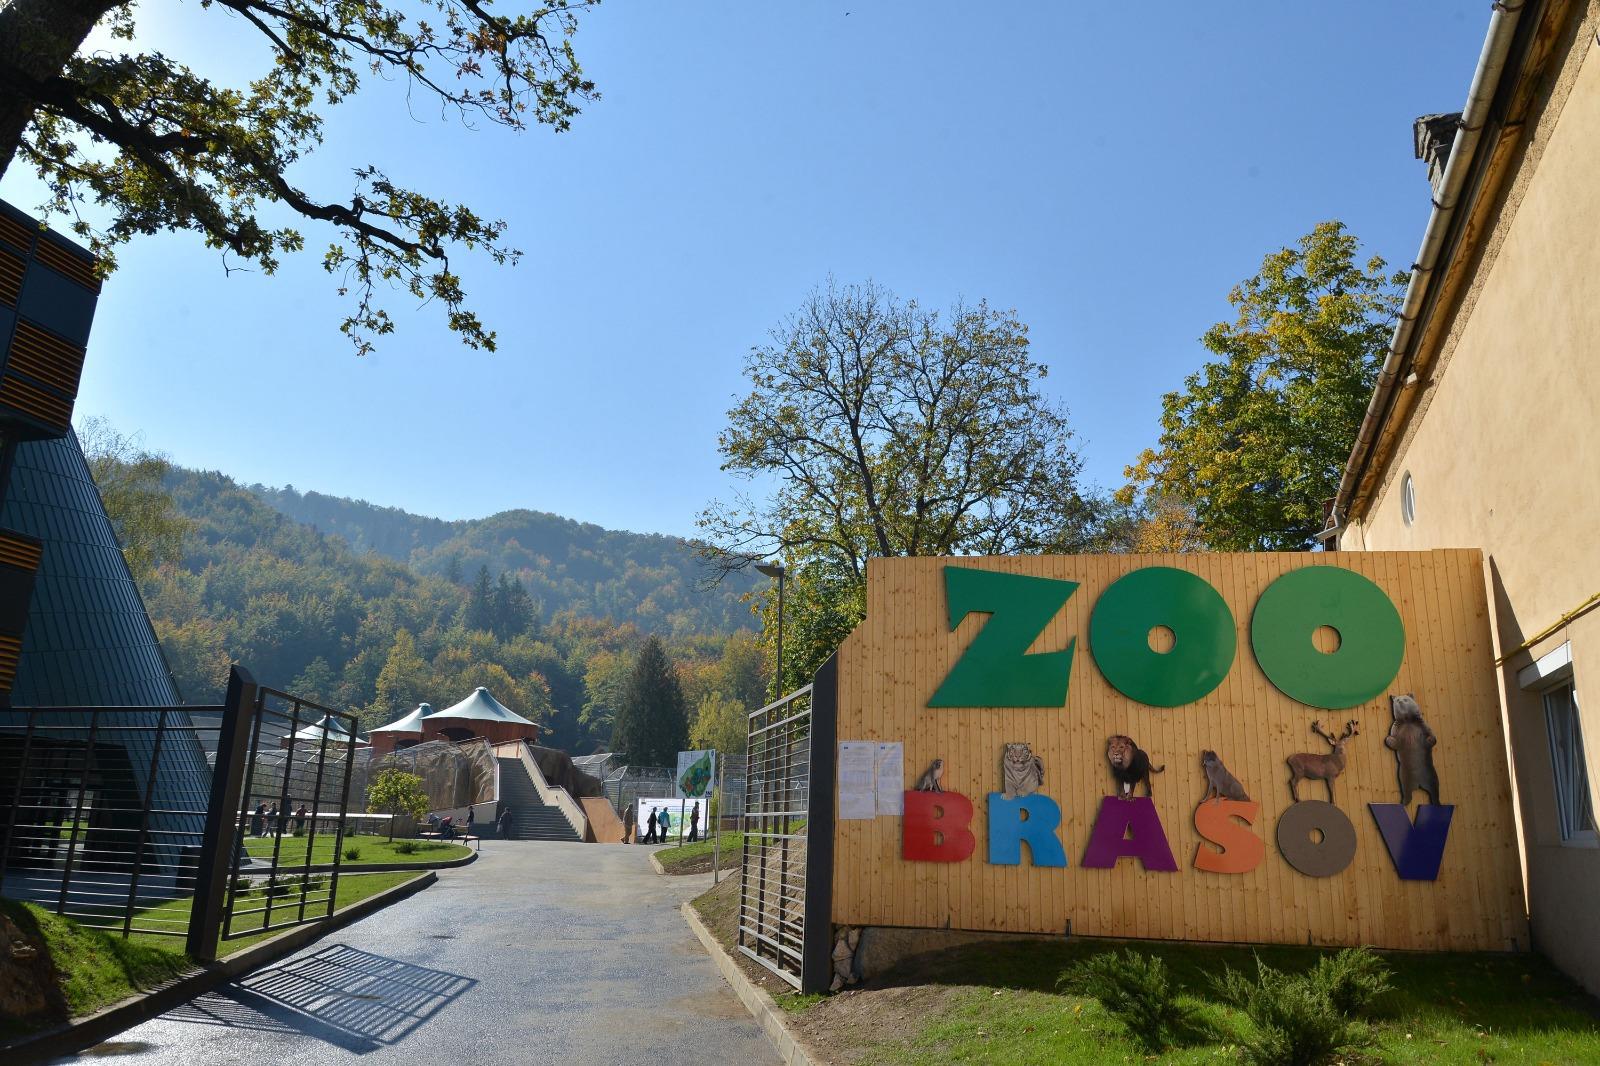 Premieră la Braşov. La Grădina Zoologică vizitatorii primesc lecţii despre animalele sălbatice